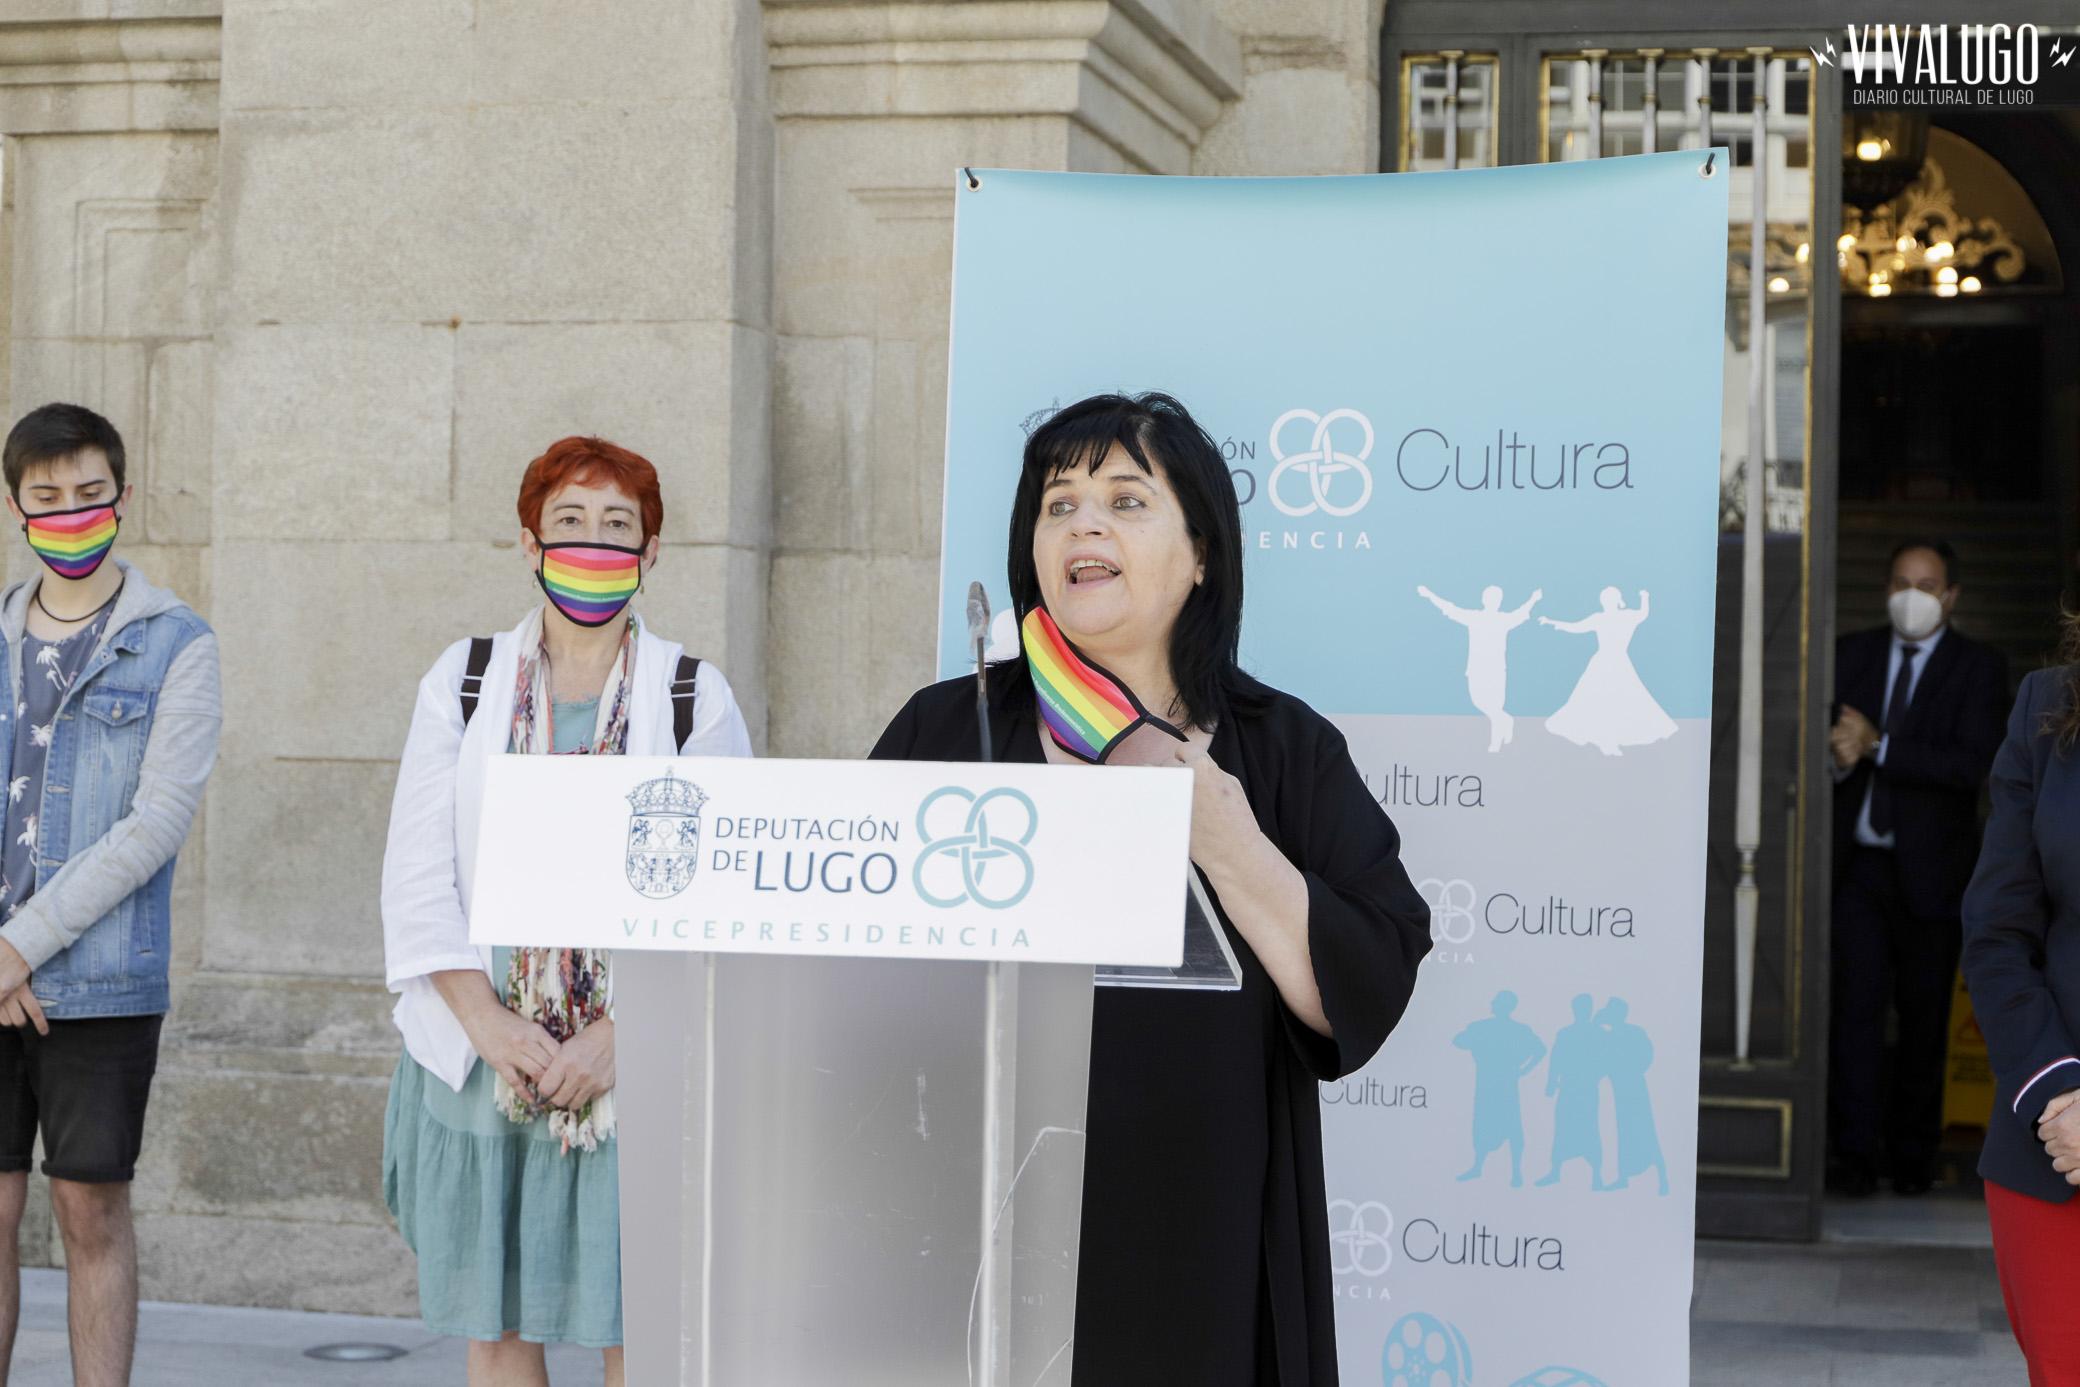 Lugo Diversx